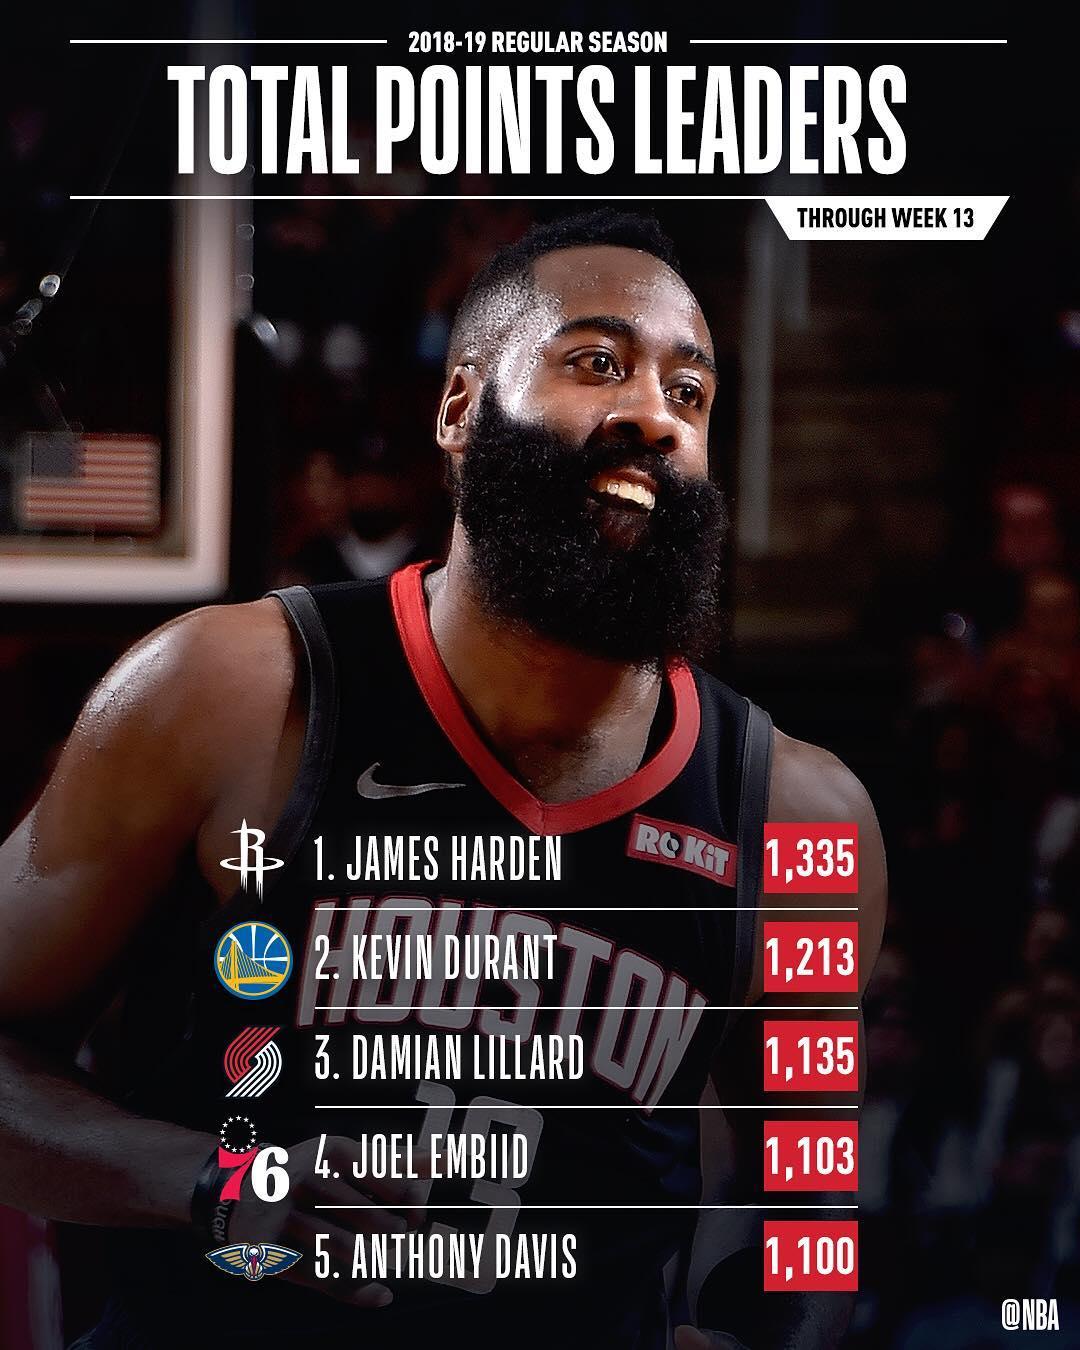 NBA官方发布前13周联盟各项数据的领跑者图集